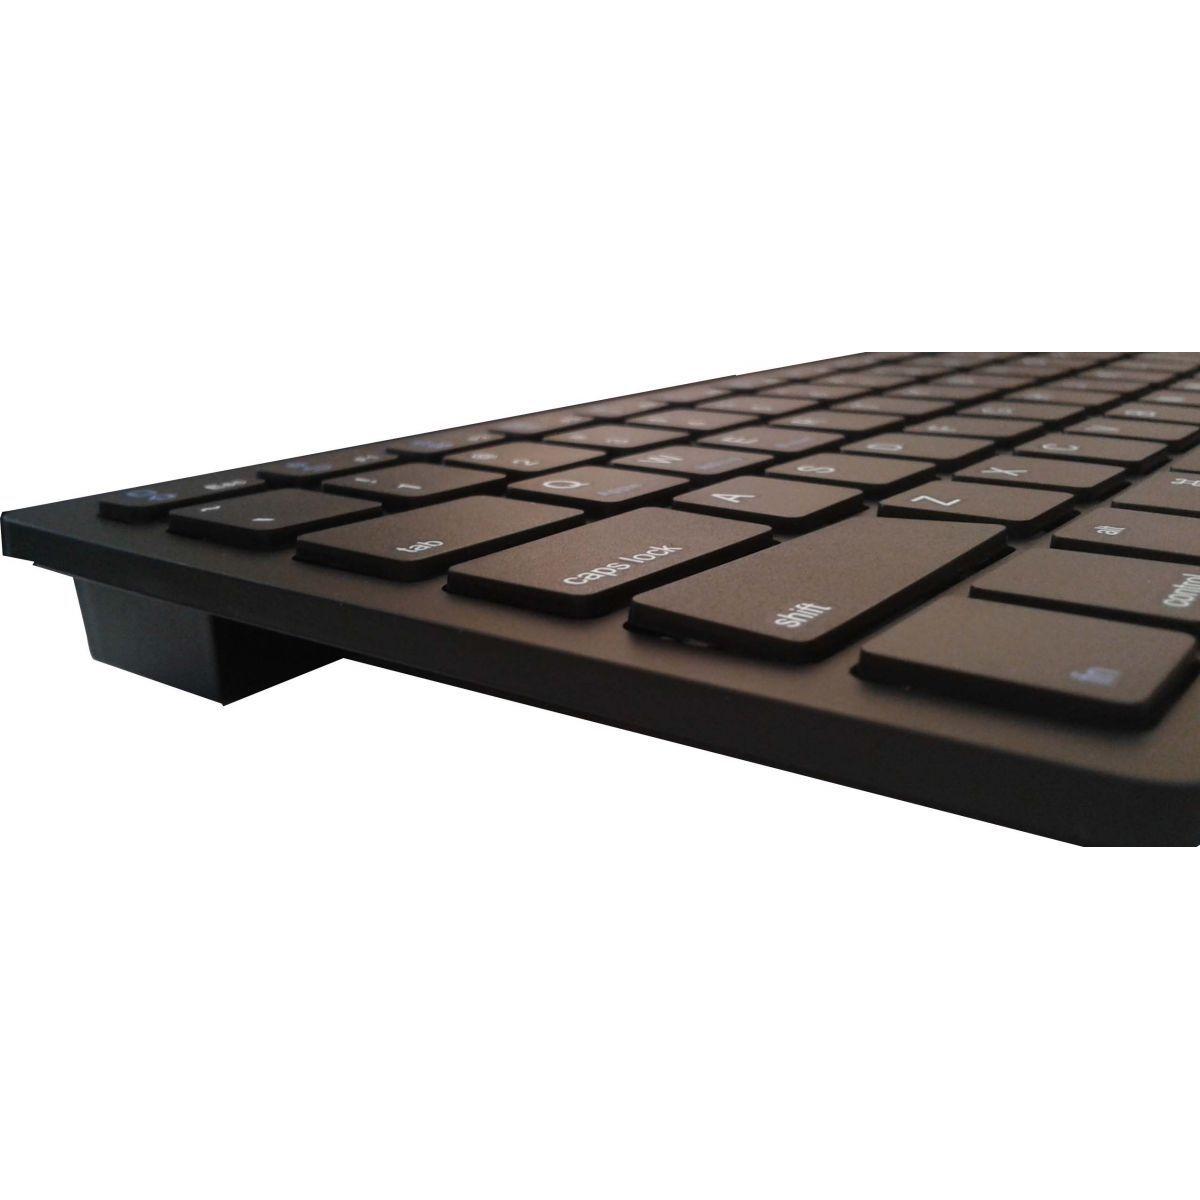 Bluetooth Wireless Keyboard Multimedia (Teclado via Bluetooth para IOS/Android/Windows)   - Thata Esportes